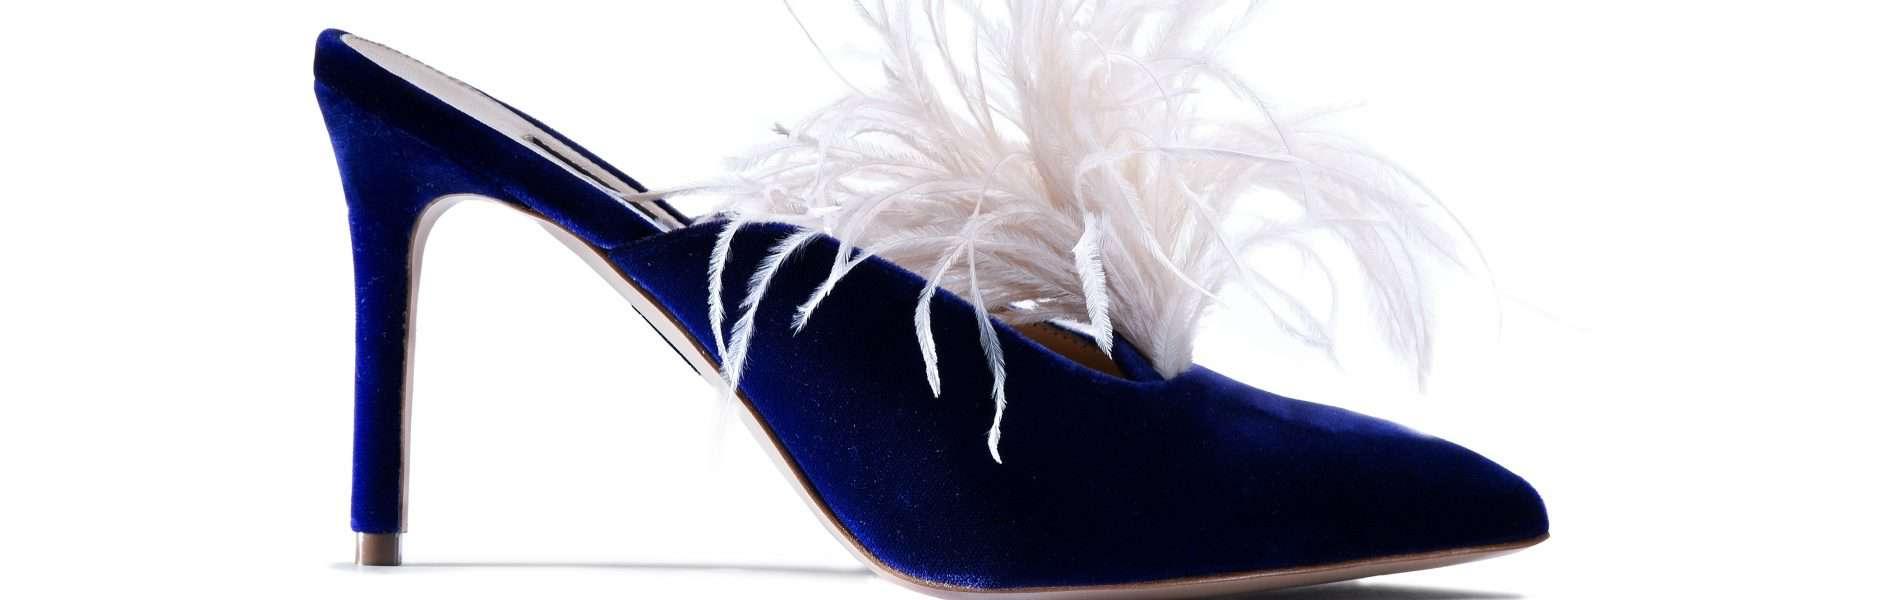 משוגעות לנעליים? עכשיו זה הזמן לרכישות